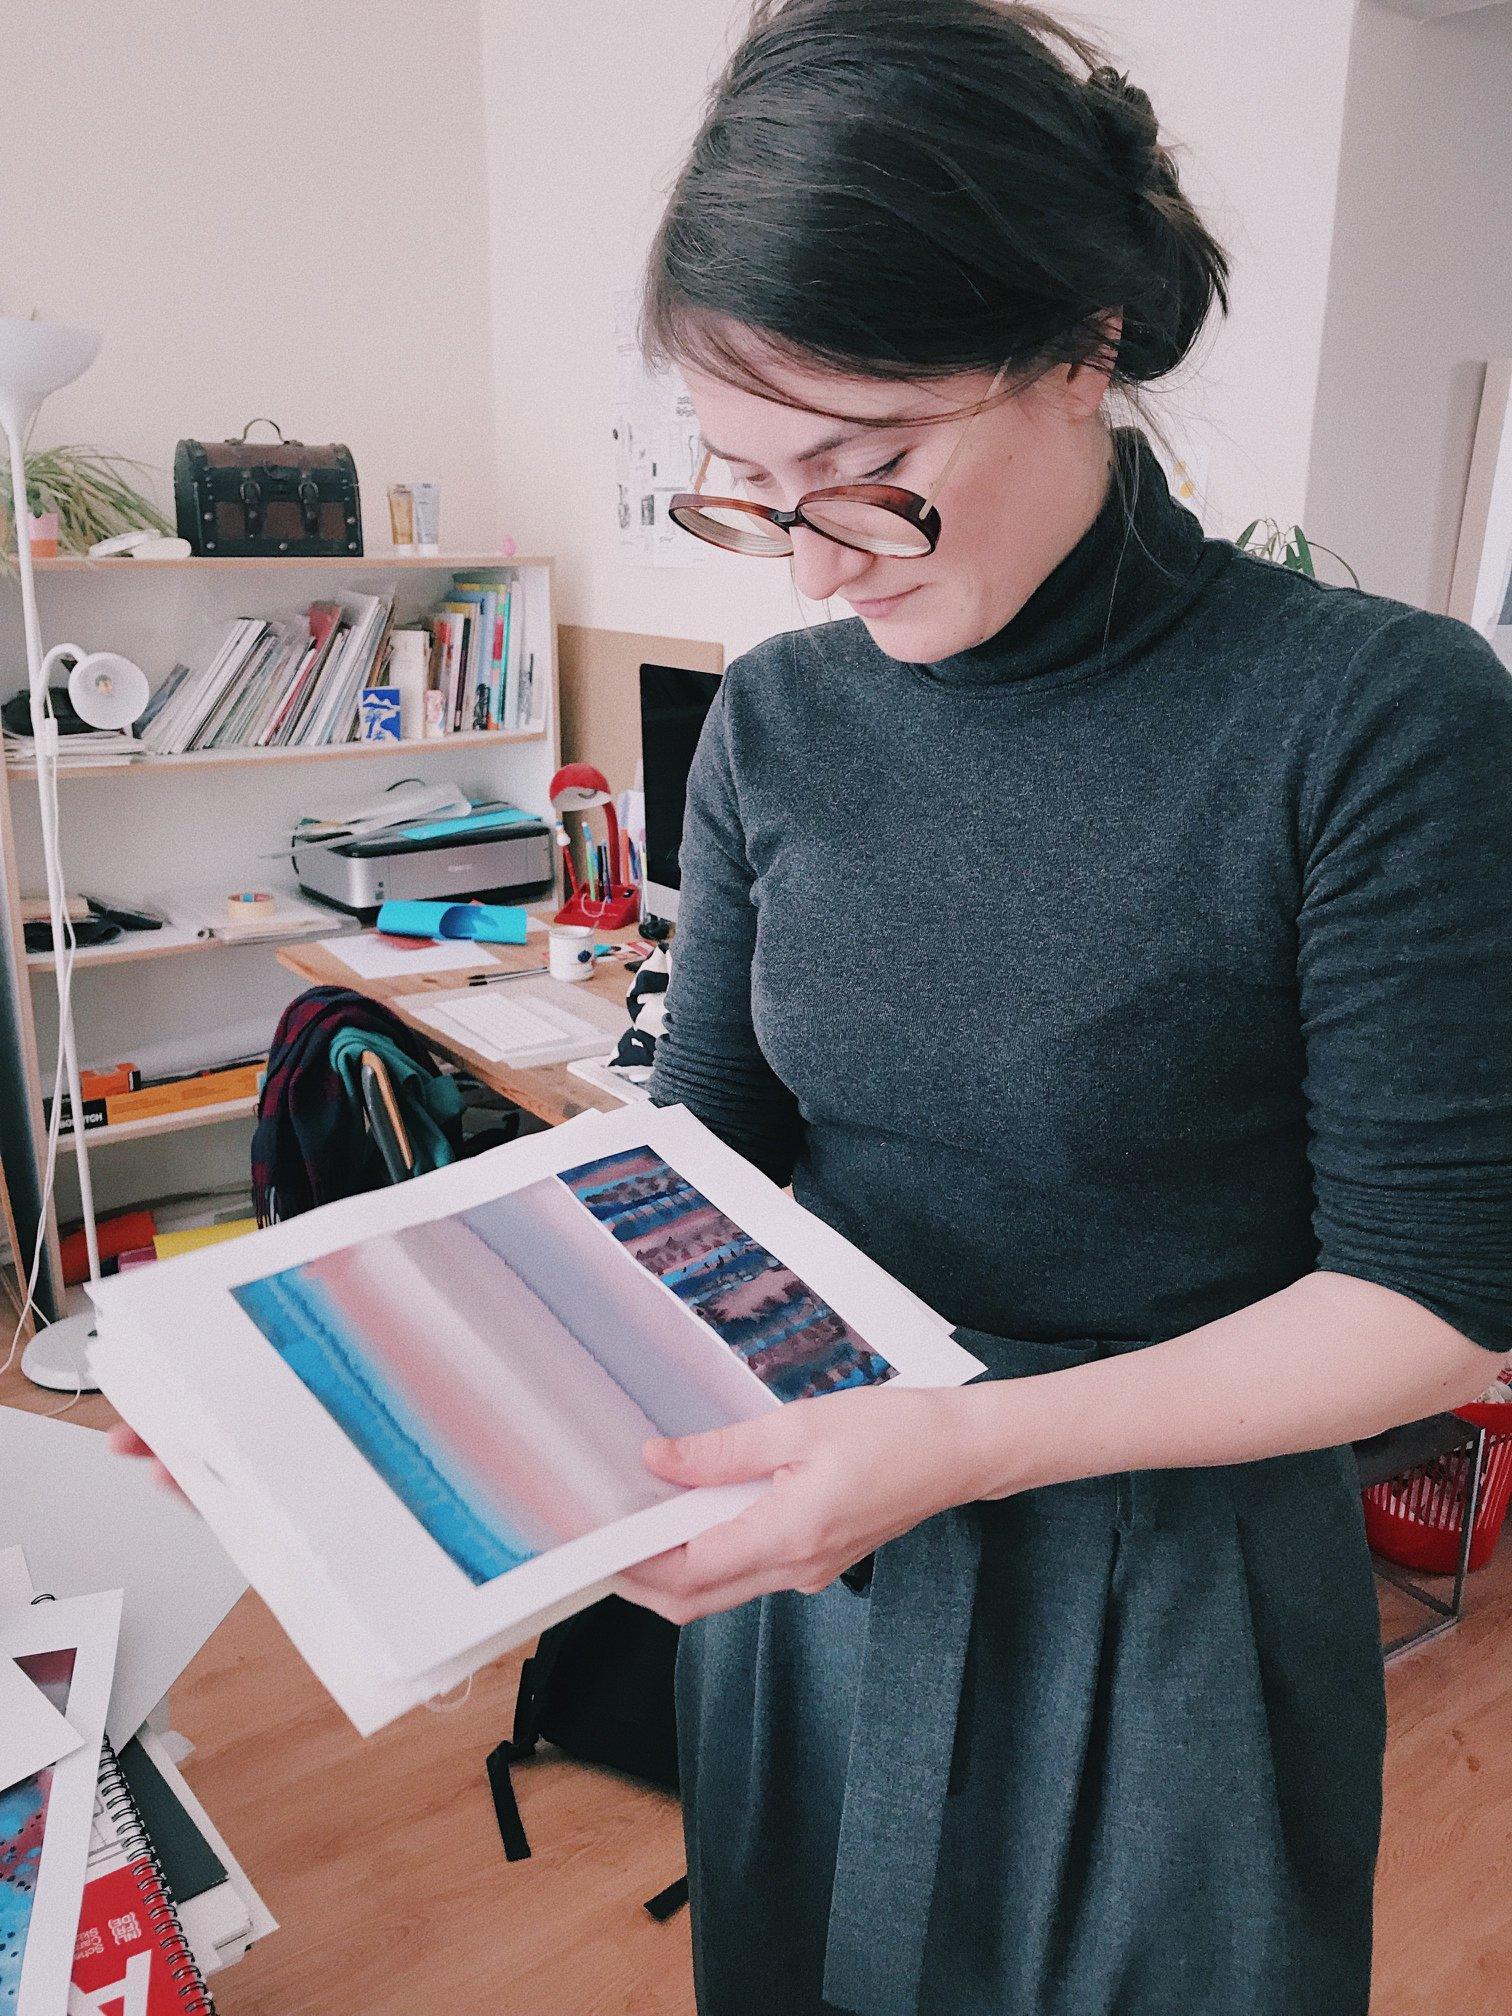 Cécile Barraud de Lagerie dans son atelier